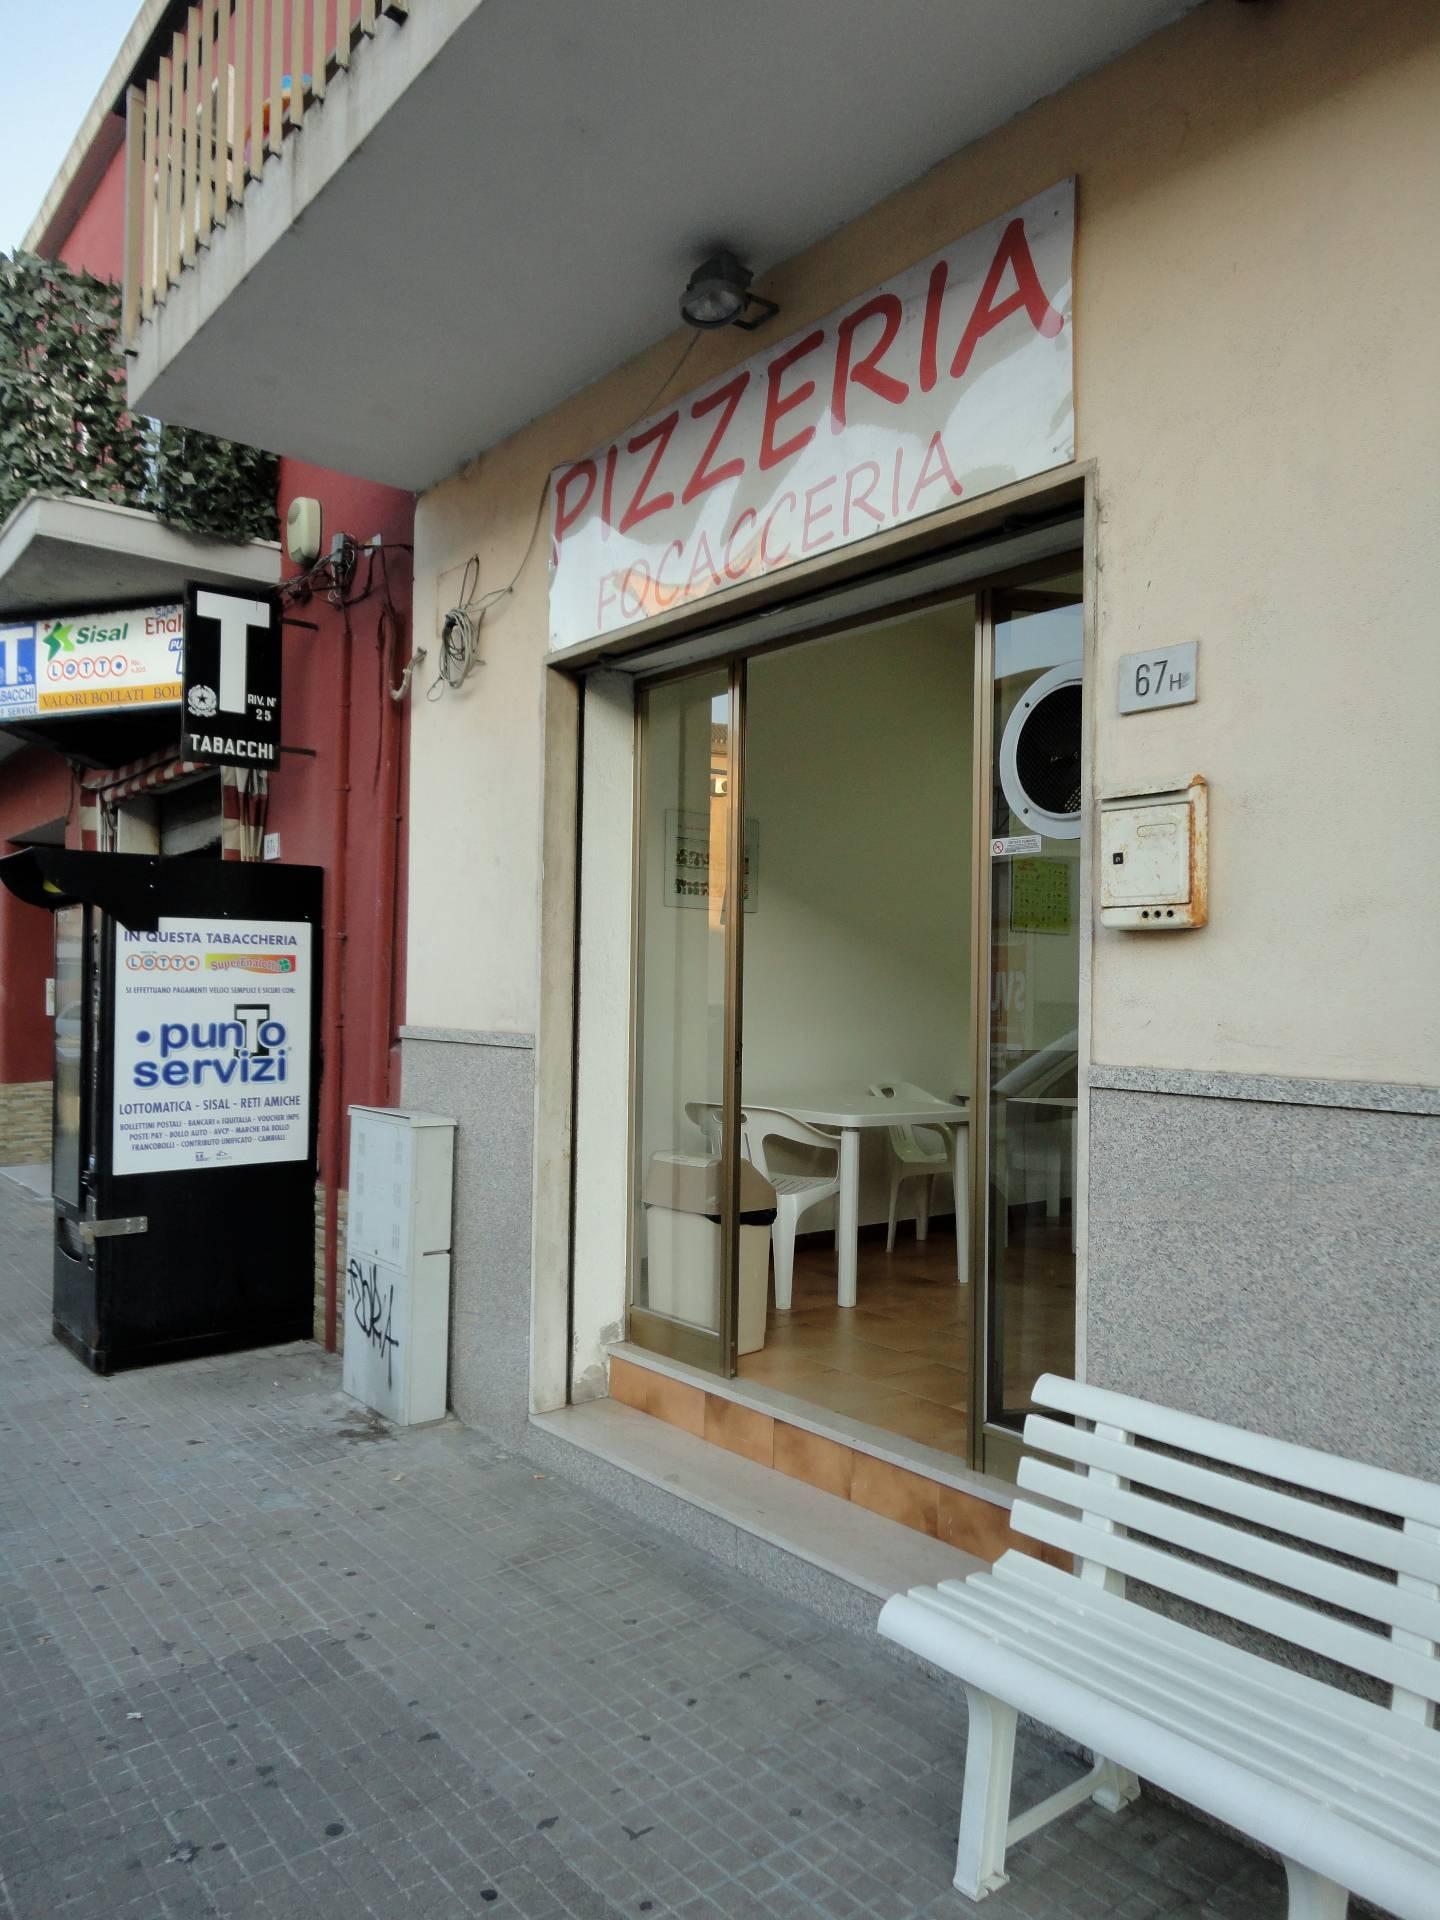 Altro in affitto a Olbia - Porto Rotondo, 2 locali, zona Località: Olbiacittà, prezzo € 700 | CambioCasa.it